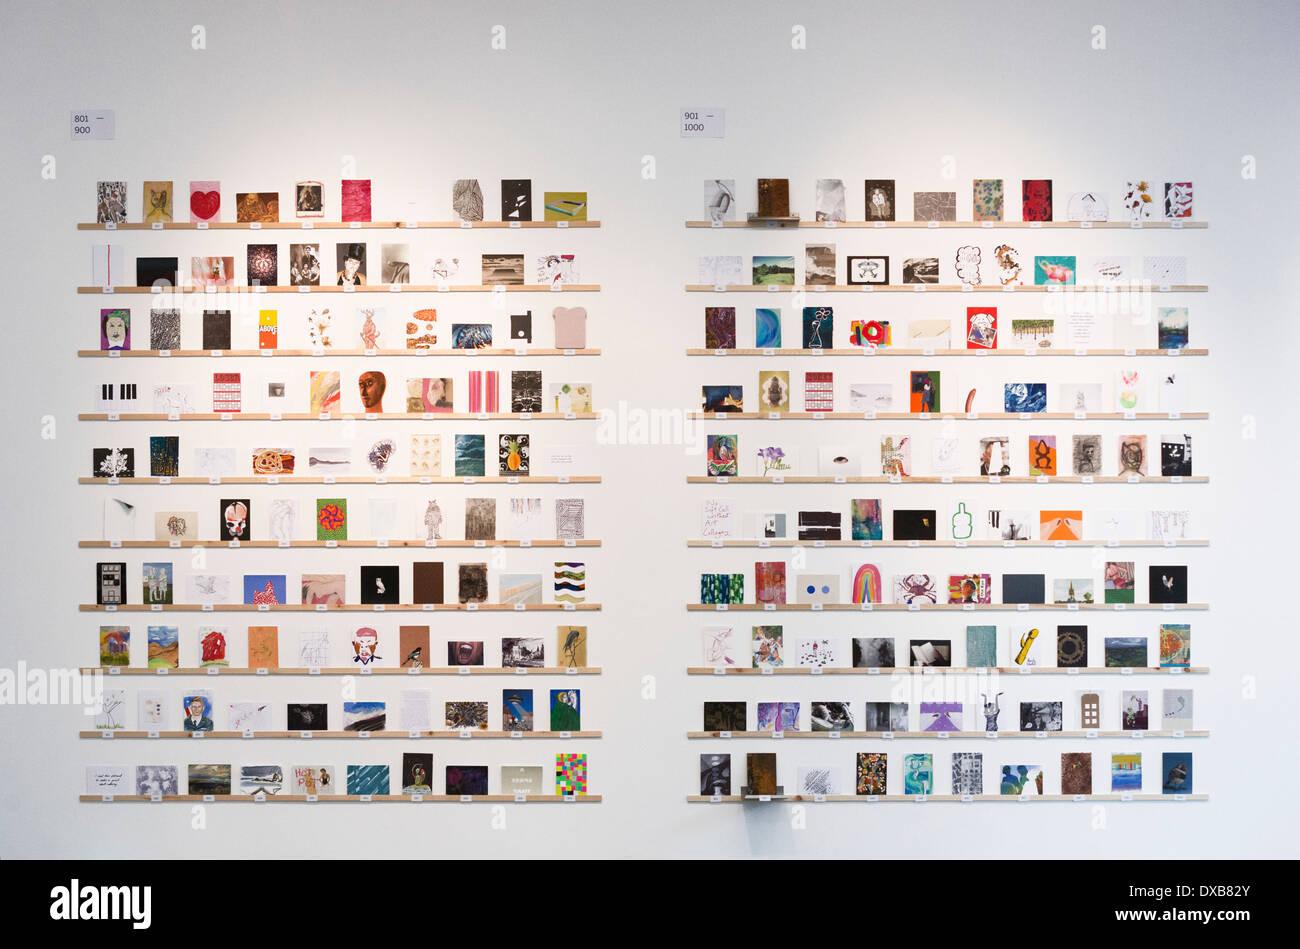 RCA Secret - Royal College of Art's eventos de recaudación de tamaño de tarjeta postal ilustraciones para el estudiante Foto de stock